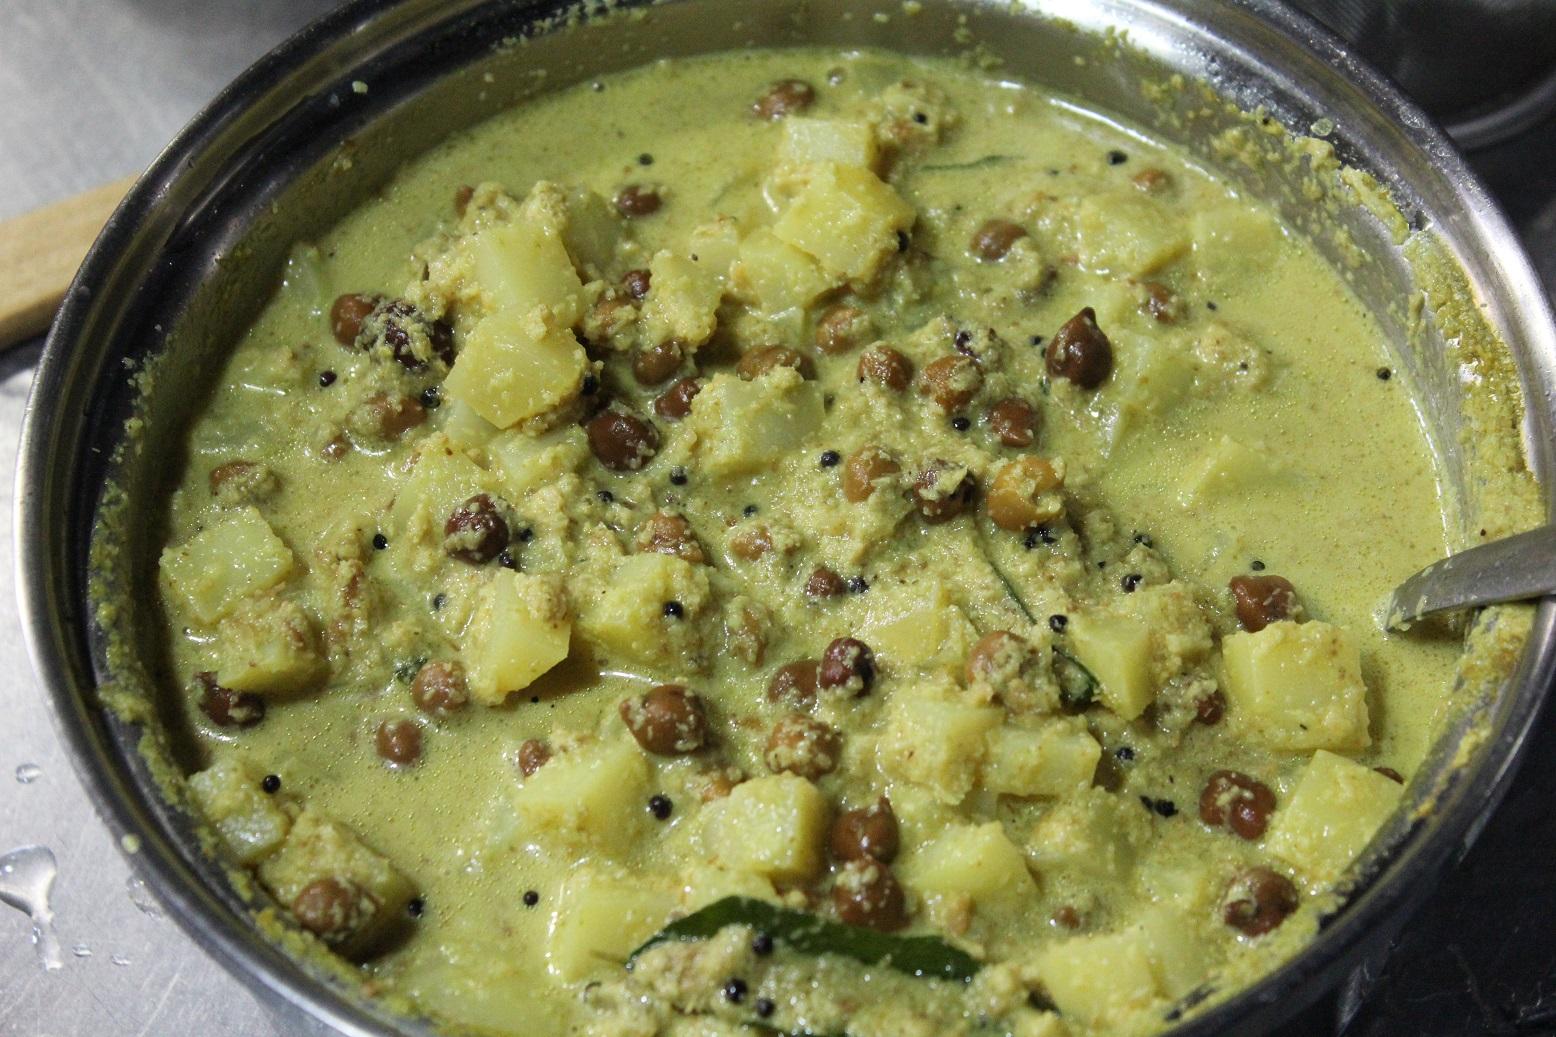 皮付きひよこ豆とじゃが芋の、焦がしココナッツカレー「クートゥカリ」のレシピ